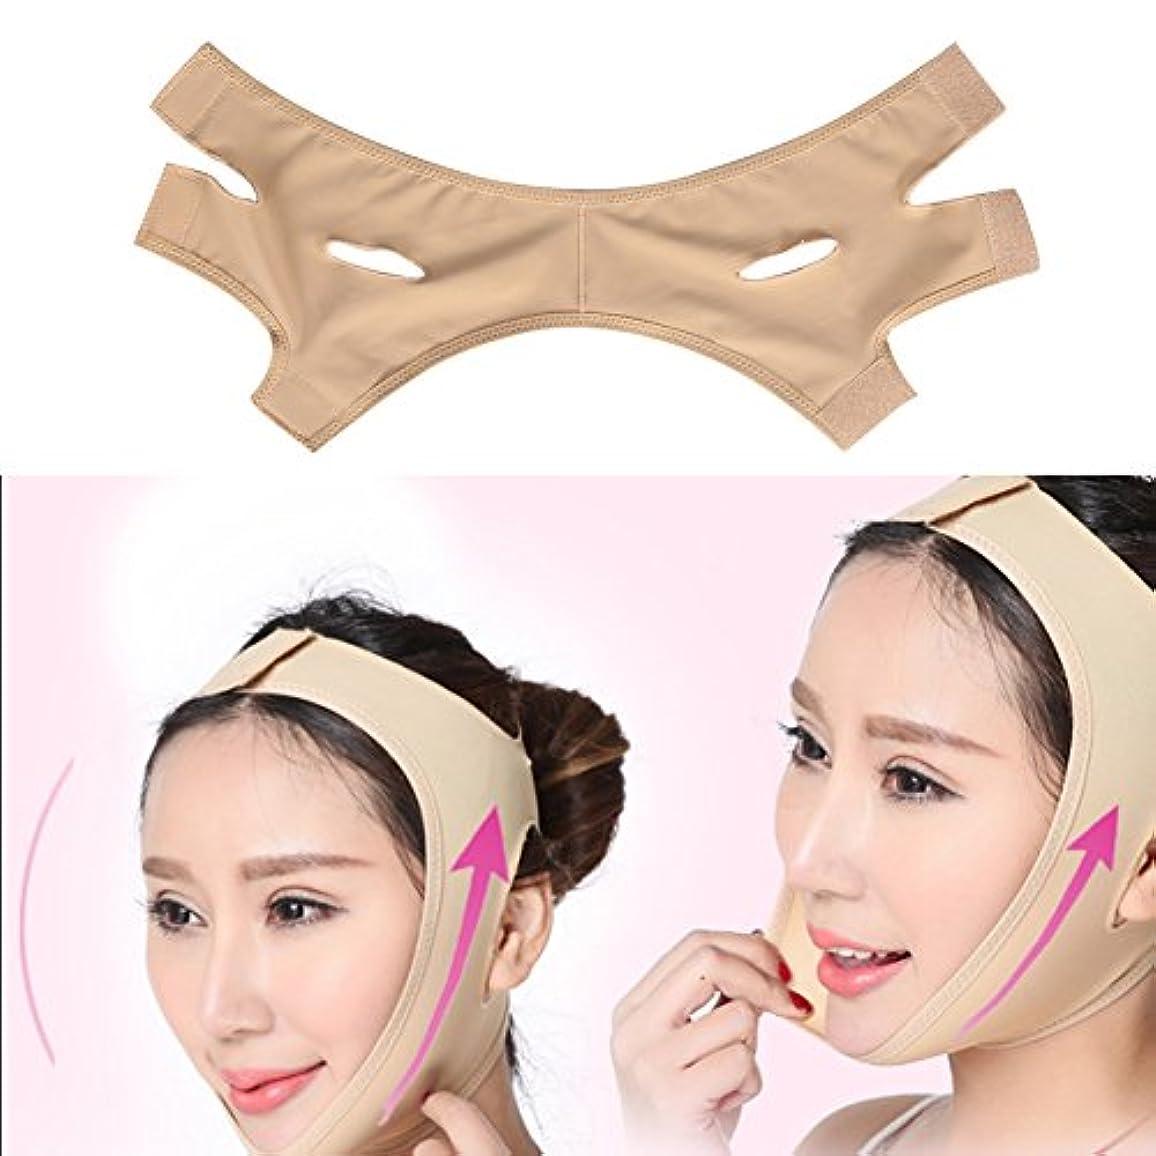 ファンブルバスルーム歌詞フェイス引き締めマスク、フェイスリフトマスク、フェイスリフティング痩身包帯引き締めマッサージシリコンパッド付きフェイスライン、Vラインベルトフェイシャルマスク(XL)